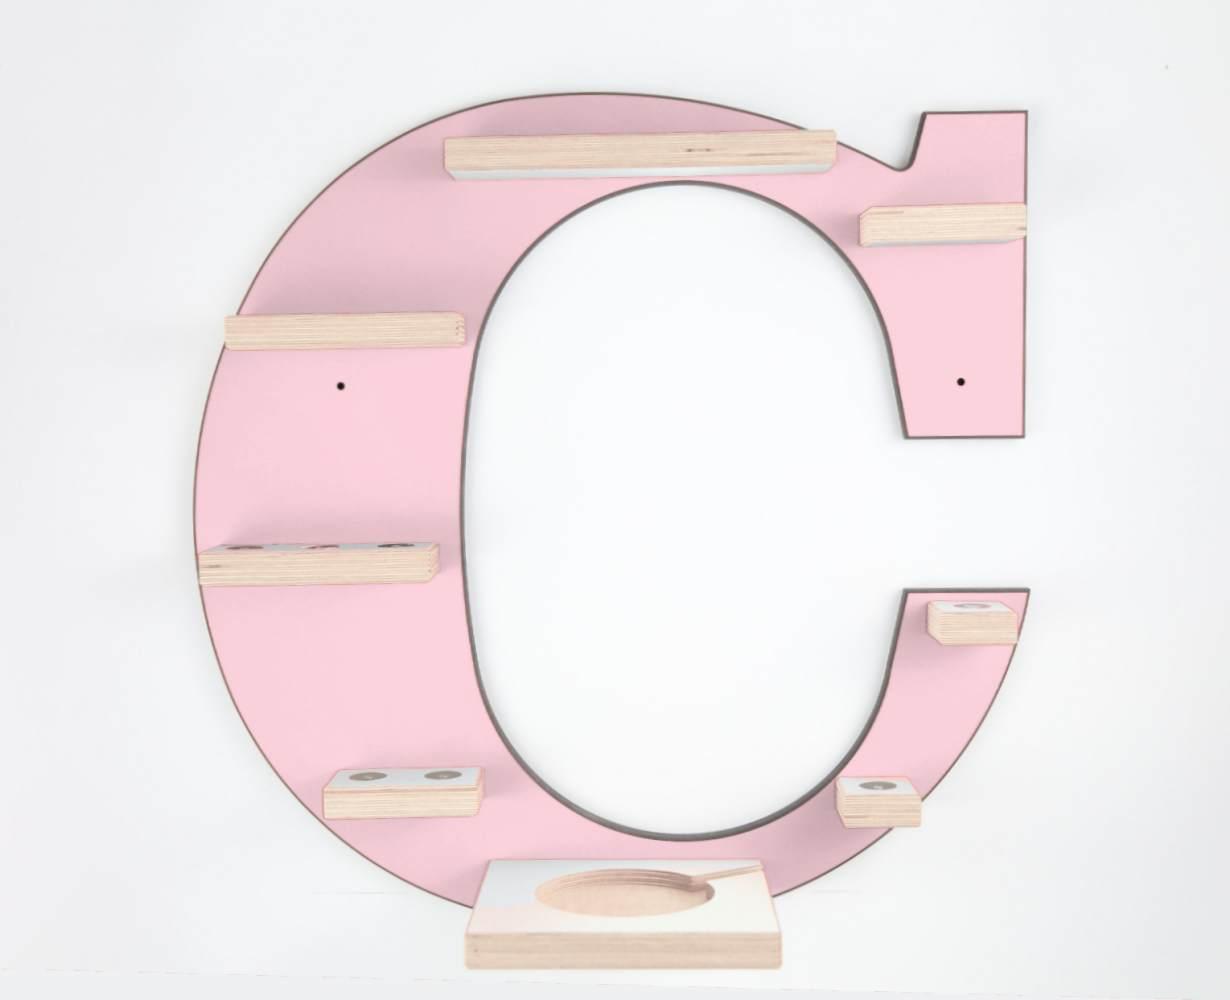 Schreinerei Linden 'Buchstabe C' Tonie Regal mit Musikboxhalter, rosa Bild 1